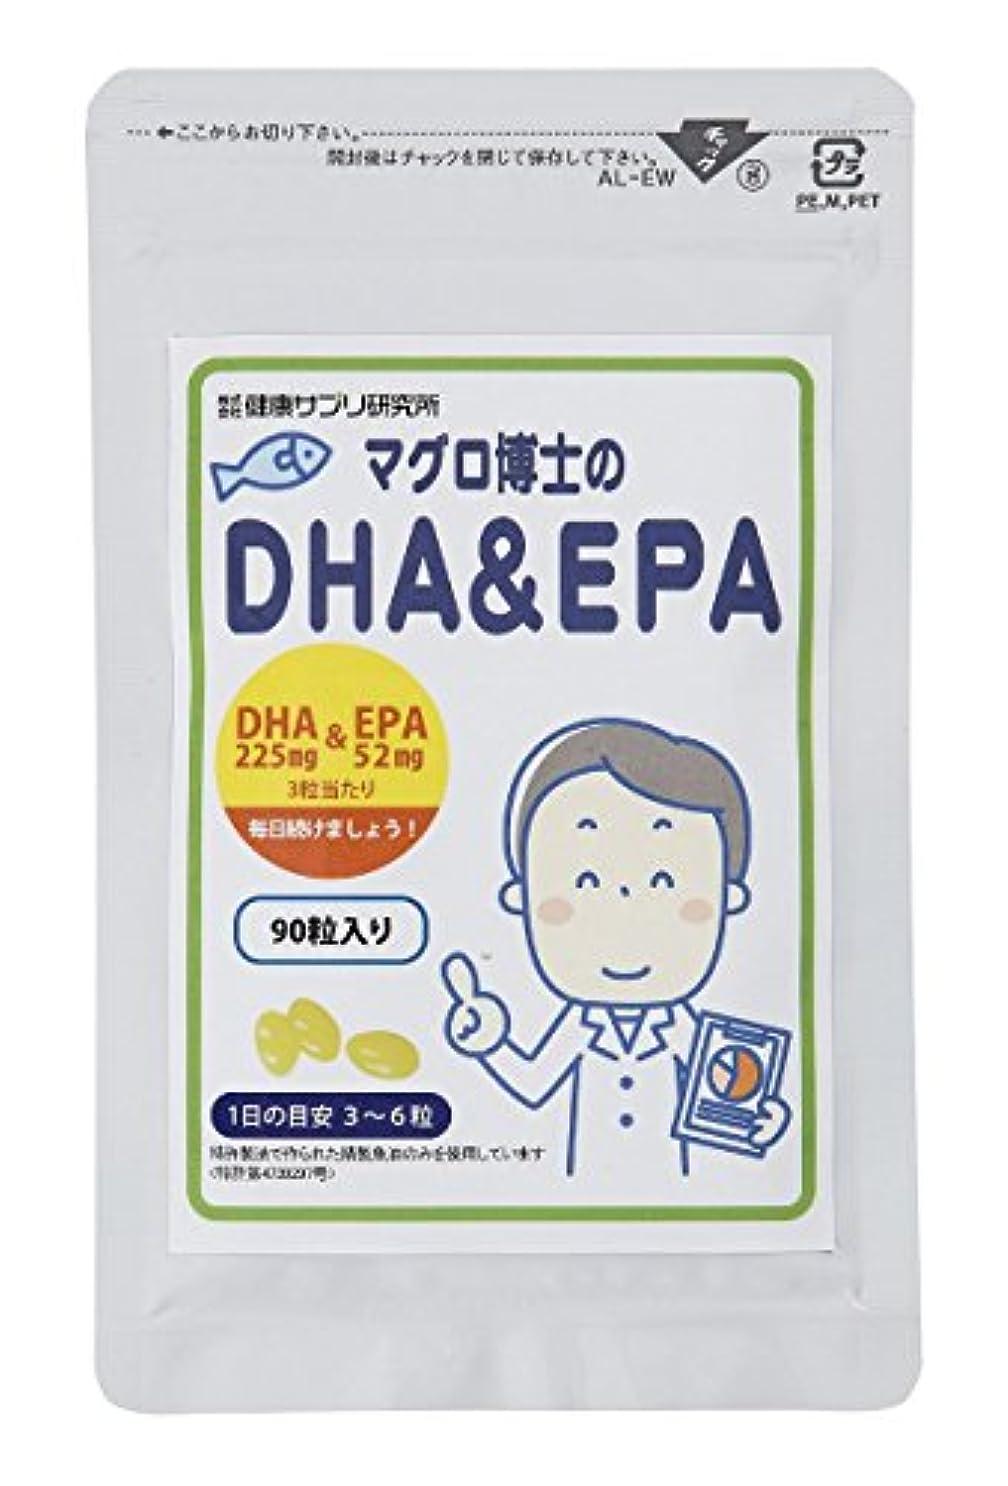 薬トライアスリート交換健康サプリ研究所 マグロ博士のDHA&EPA 90粒【 DHA EPA】3粒でお刺身約2~2人前のDHA?EPAを摂取